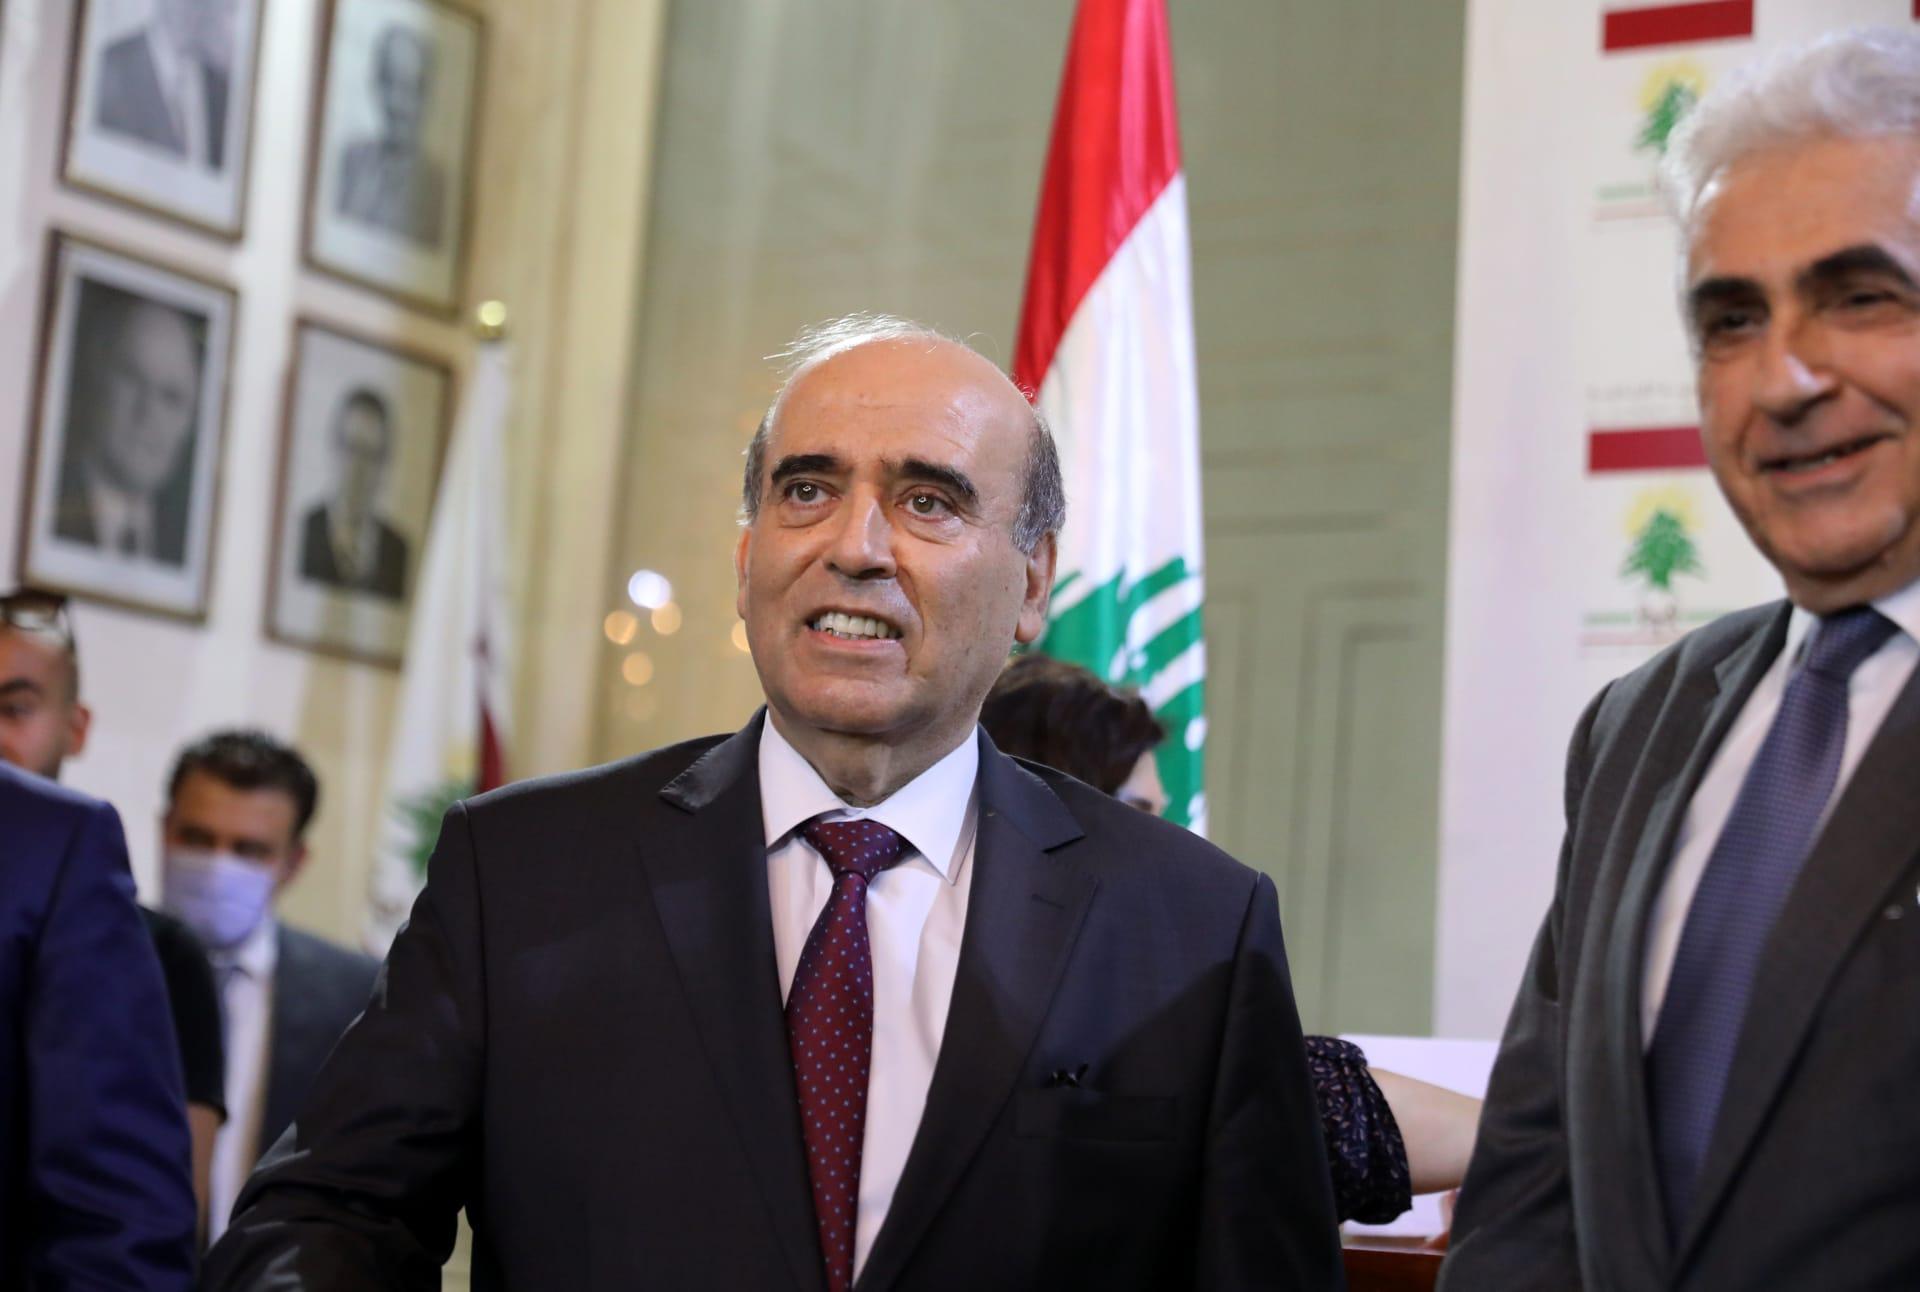 مدير مكتب محمد بن سلمان يرد على شربل وهبة بأبيات لبدر بن عبدالمحسن